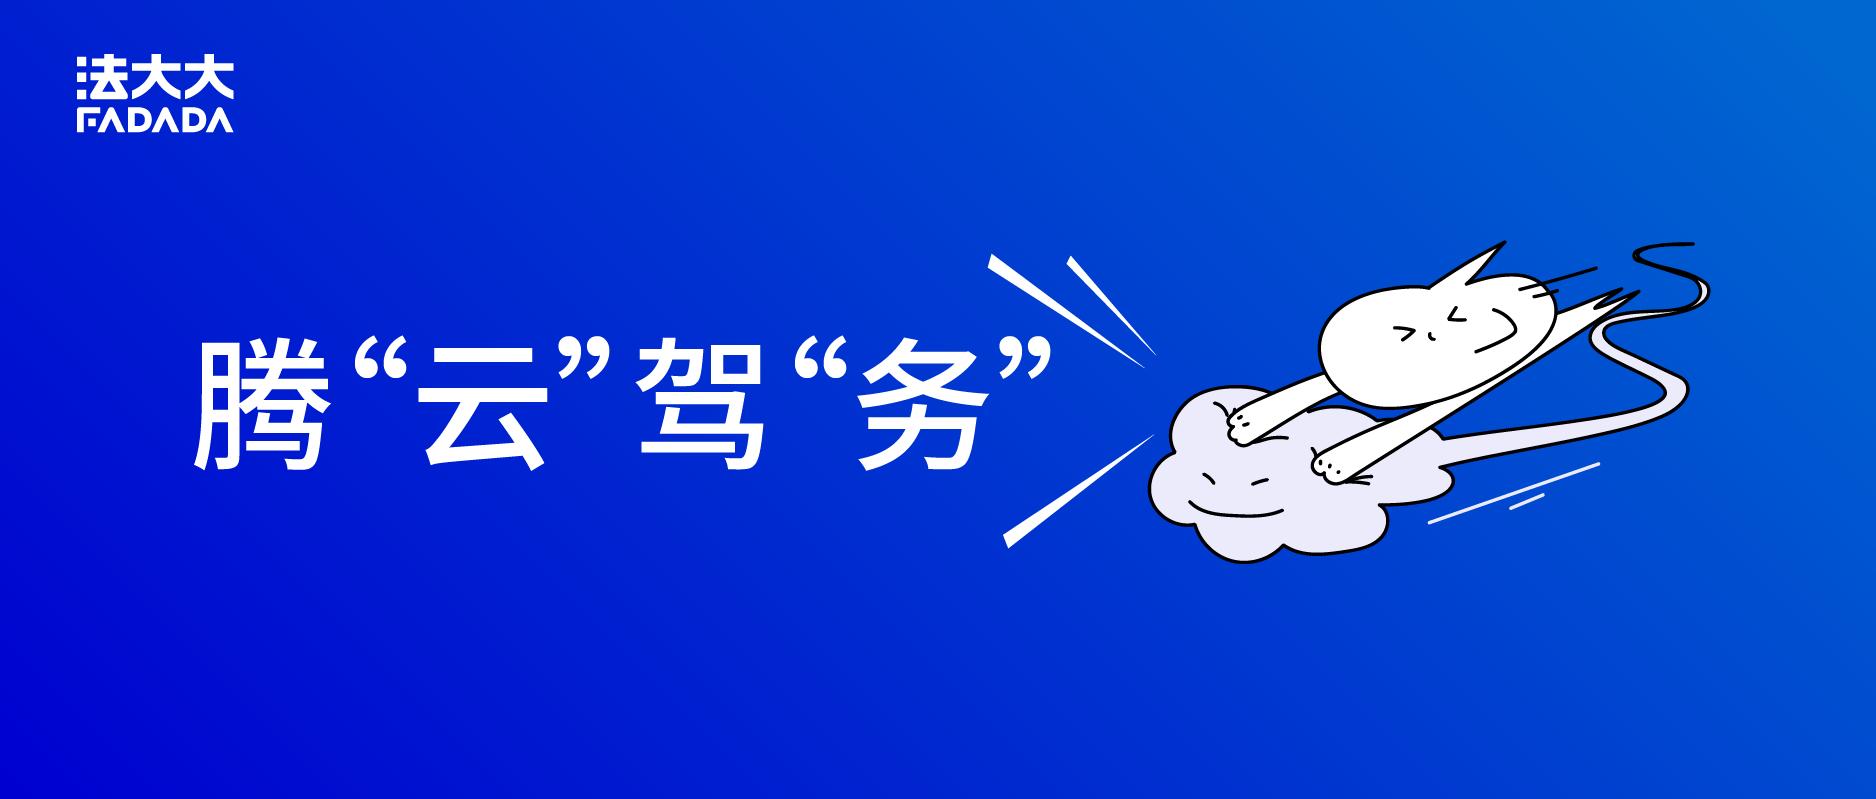 杭州市人社局携手法大大,加速推广电子劳动合同